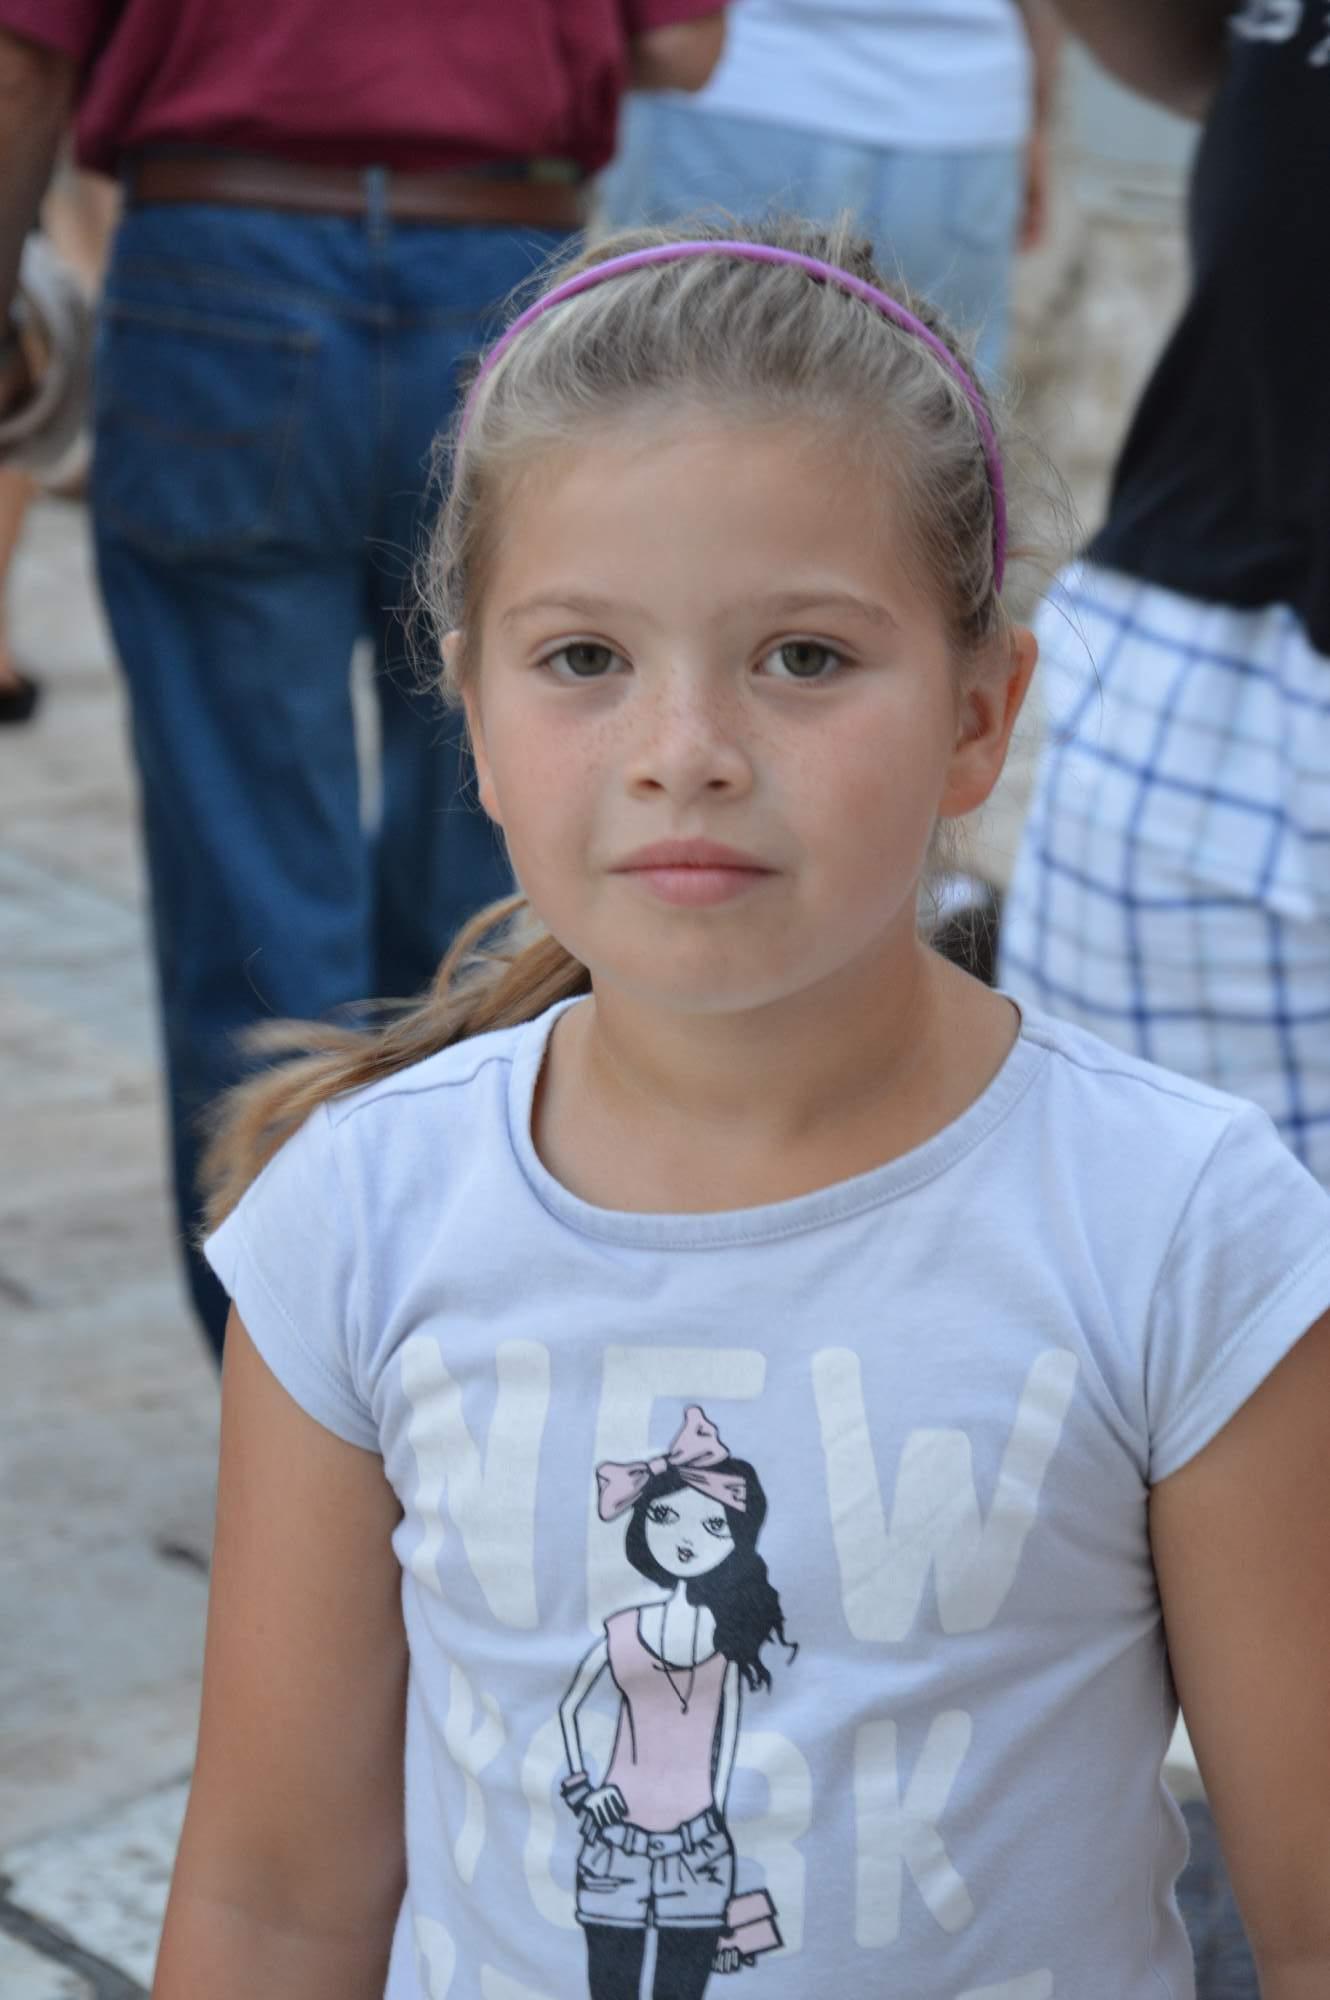 http://img19.rajce.idnes.cz/d1902/11/11369/11369498_ba1b1cc51aa2b100ecd01c05fe1b9075/images/DSC_0074.jpg